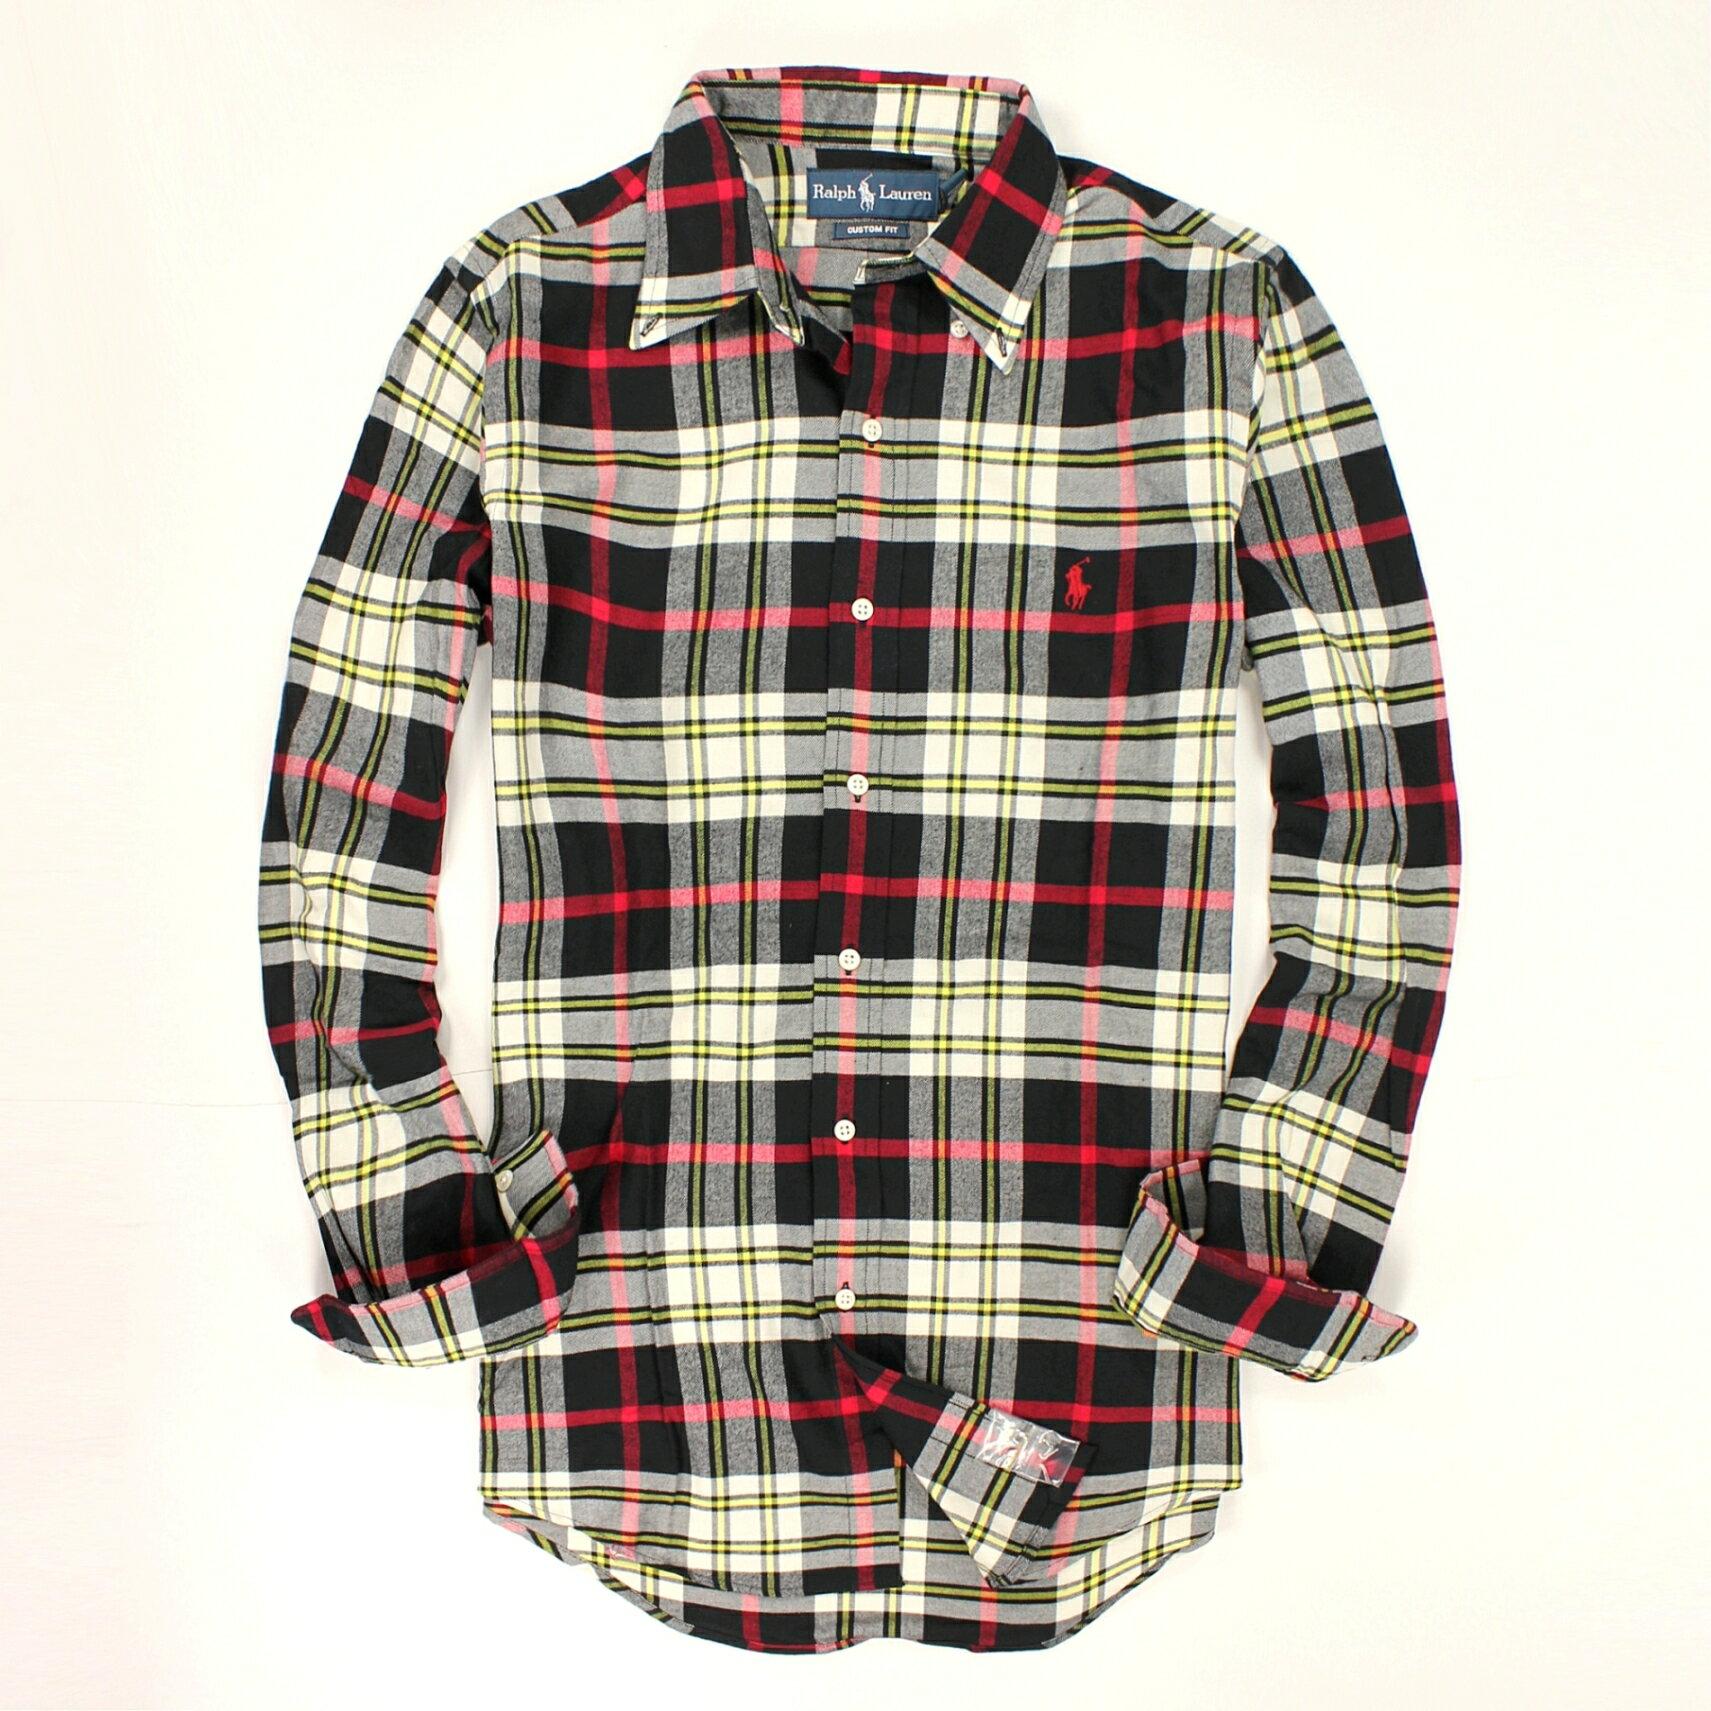 美國百分百【全新真品】Ralph Lauren 襯衫 RL 上衣 長袖 Polo 小馬 黑 紅 白 格紋 厚 純棉 男 XS S號